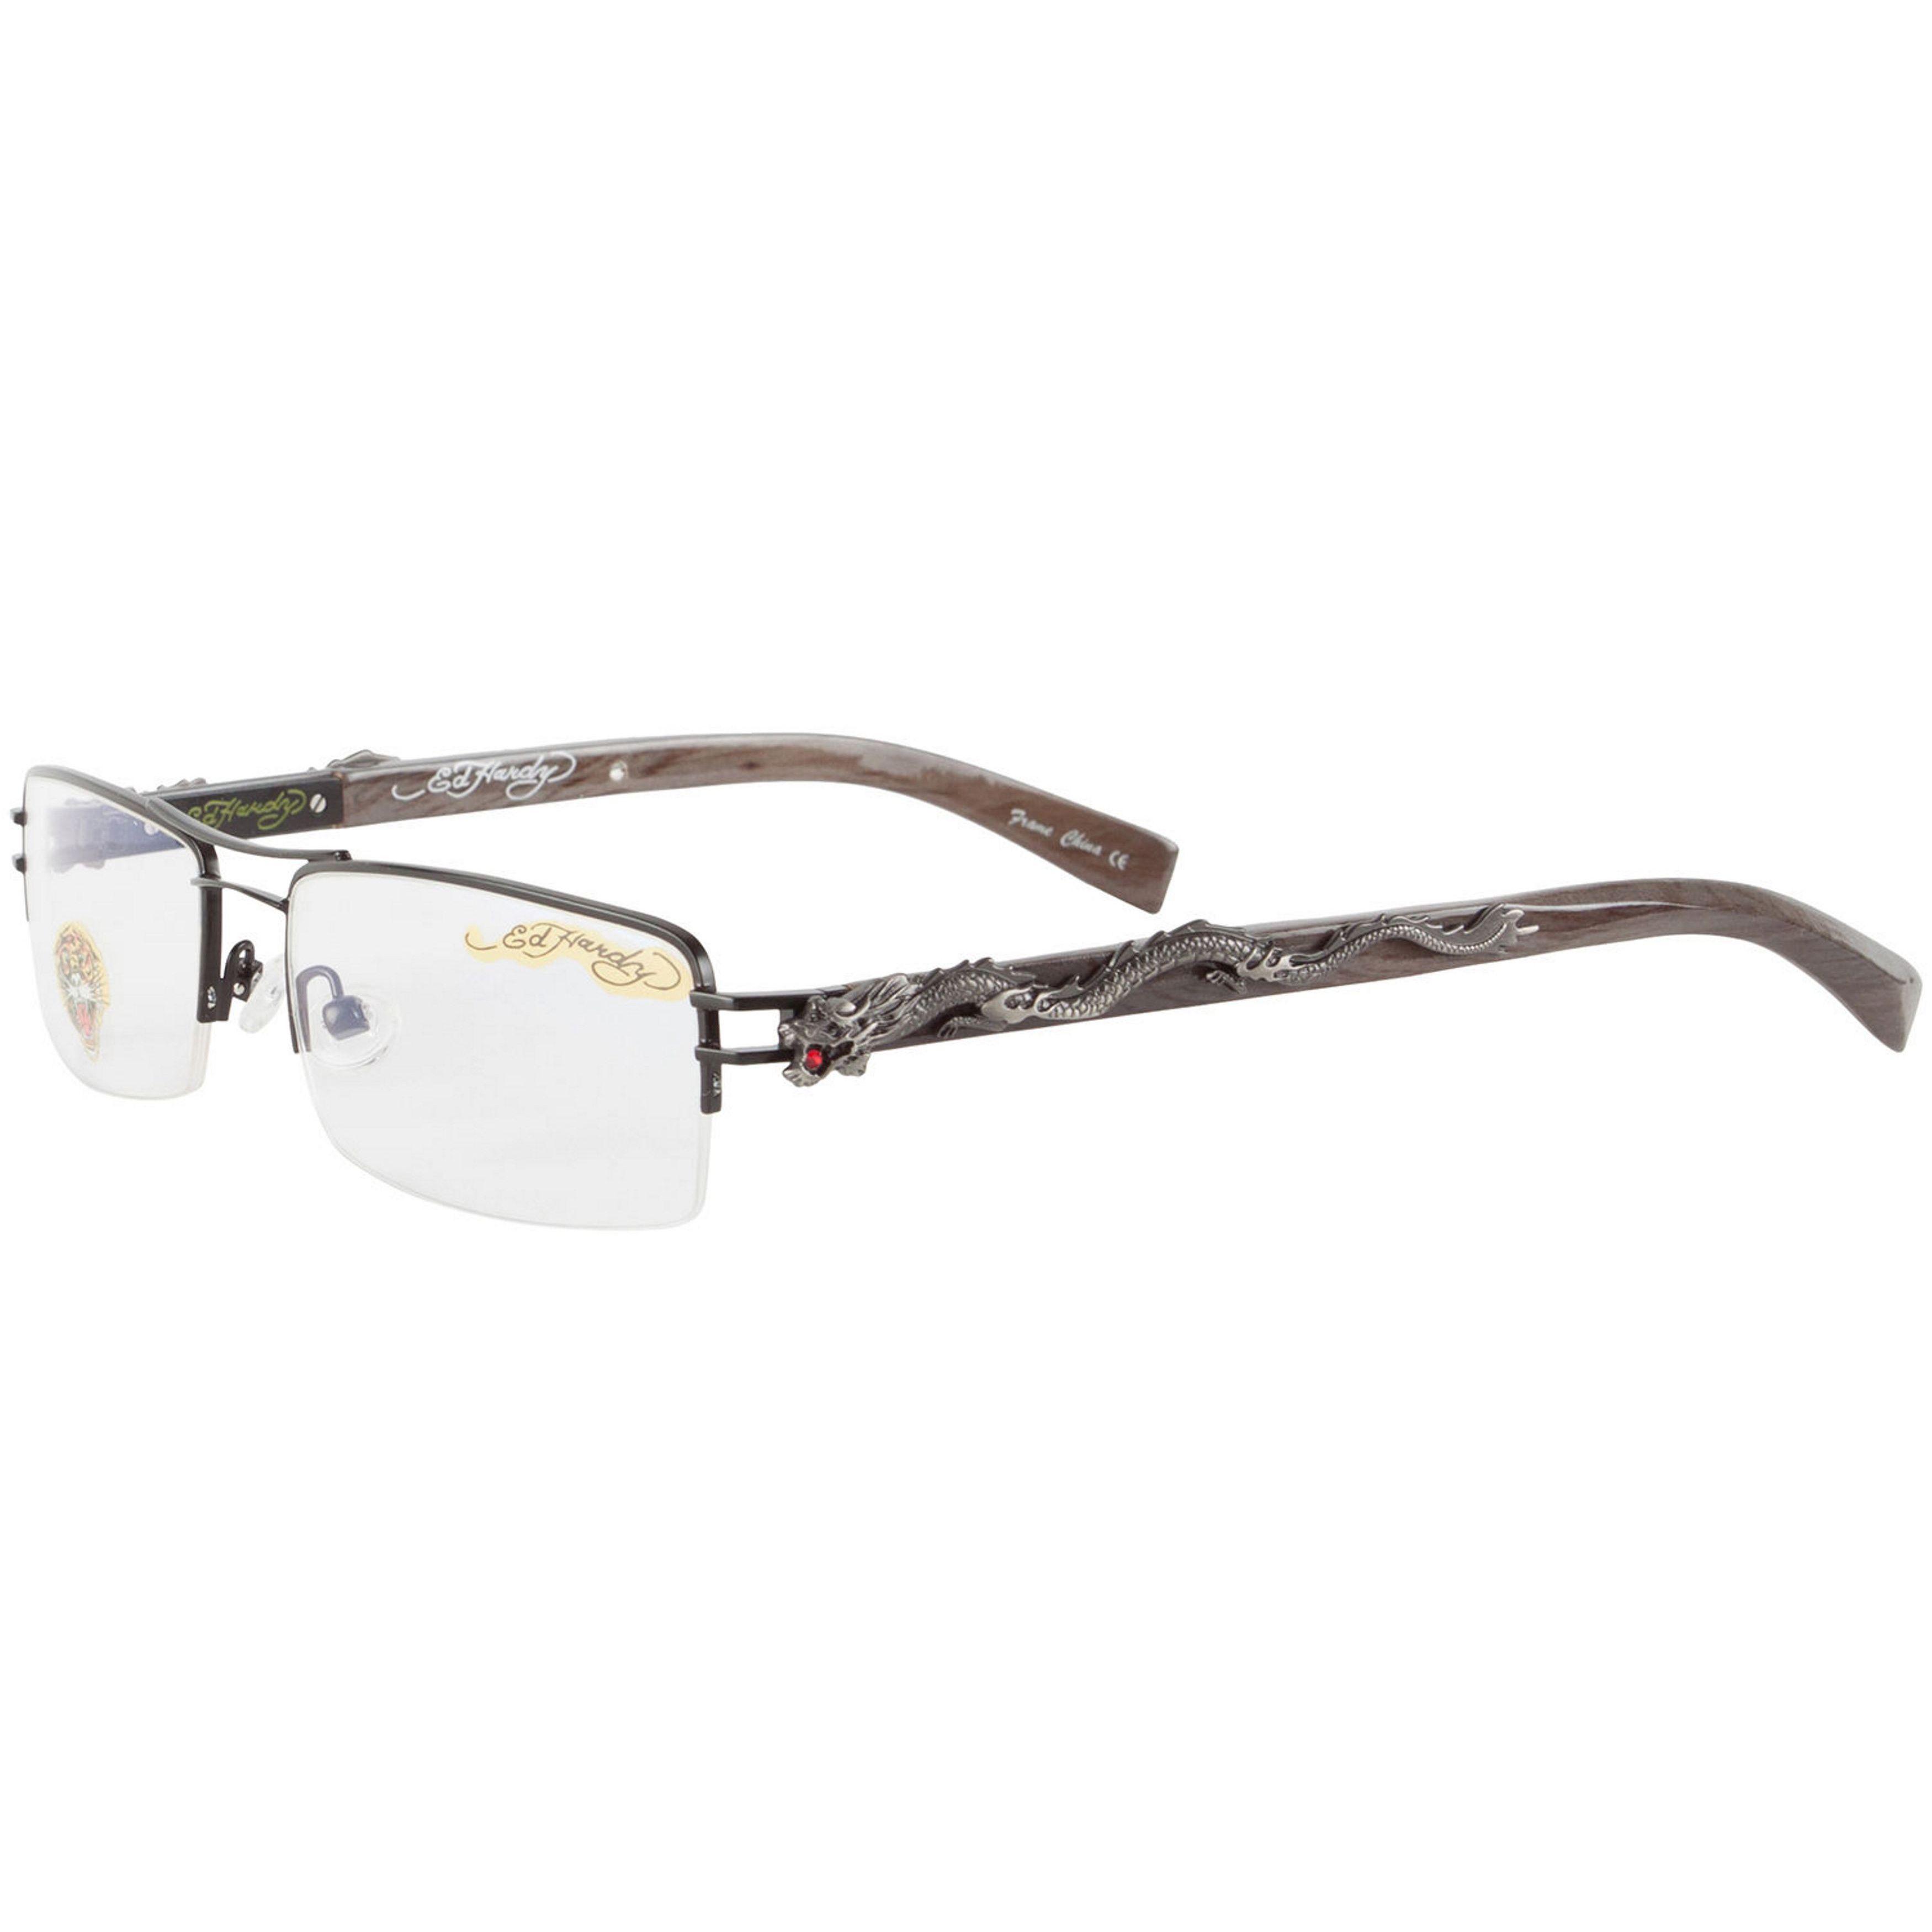 Ed Hardy EHO 707 Tattoo Ebony Eyeglasses | Products | Pinterest ...